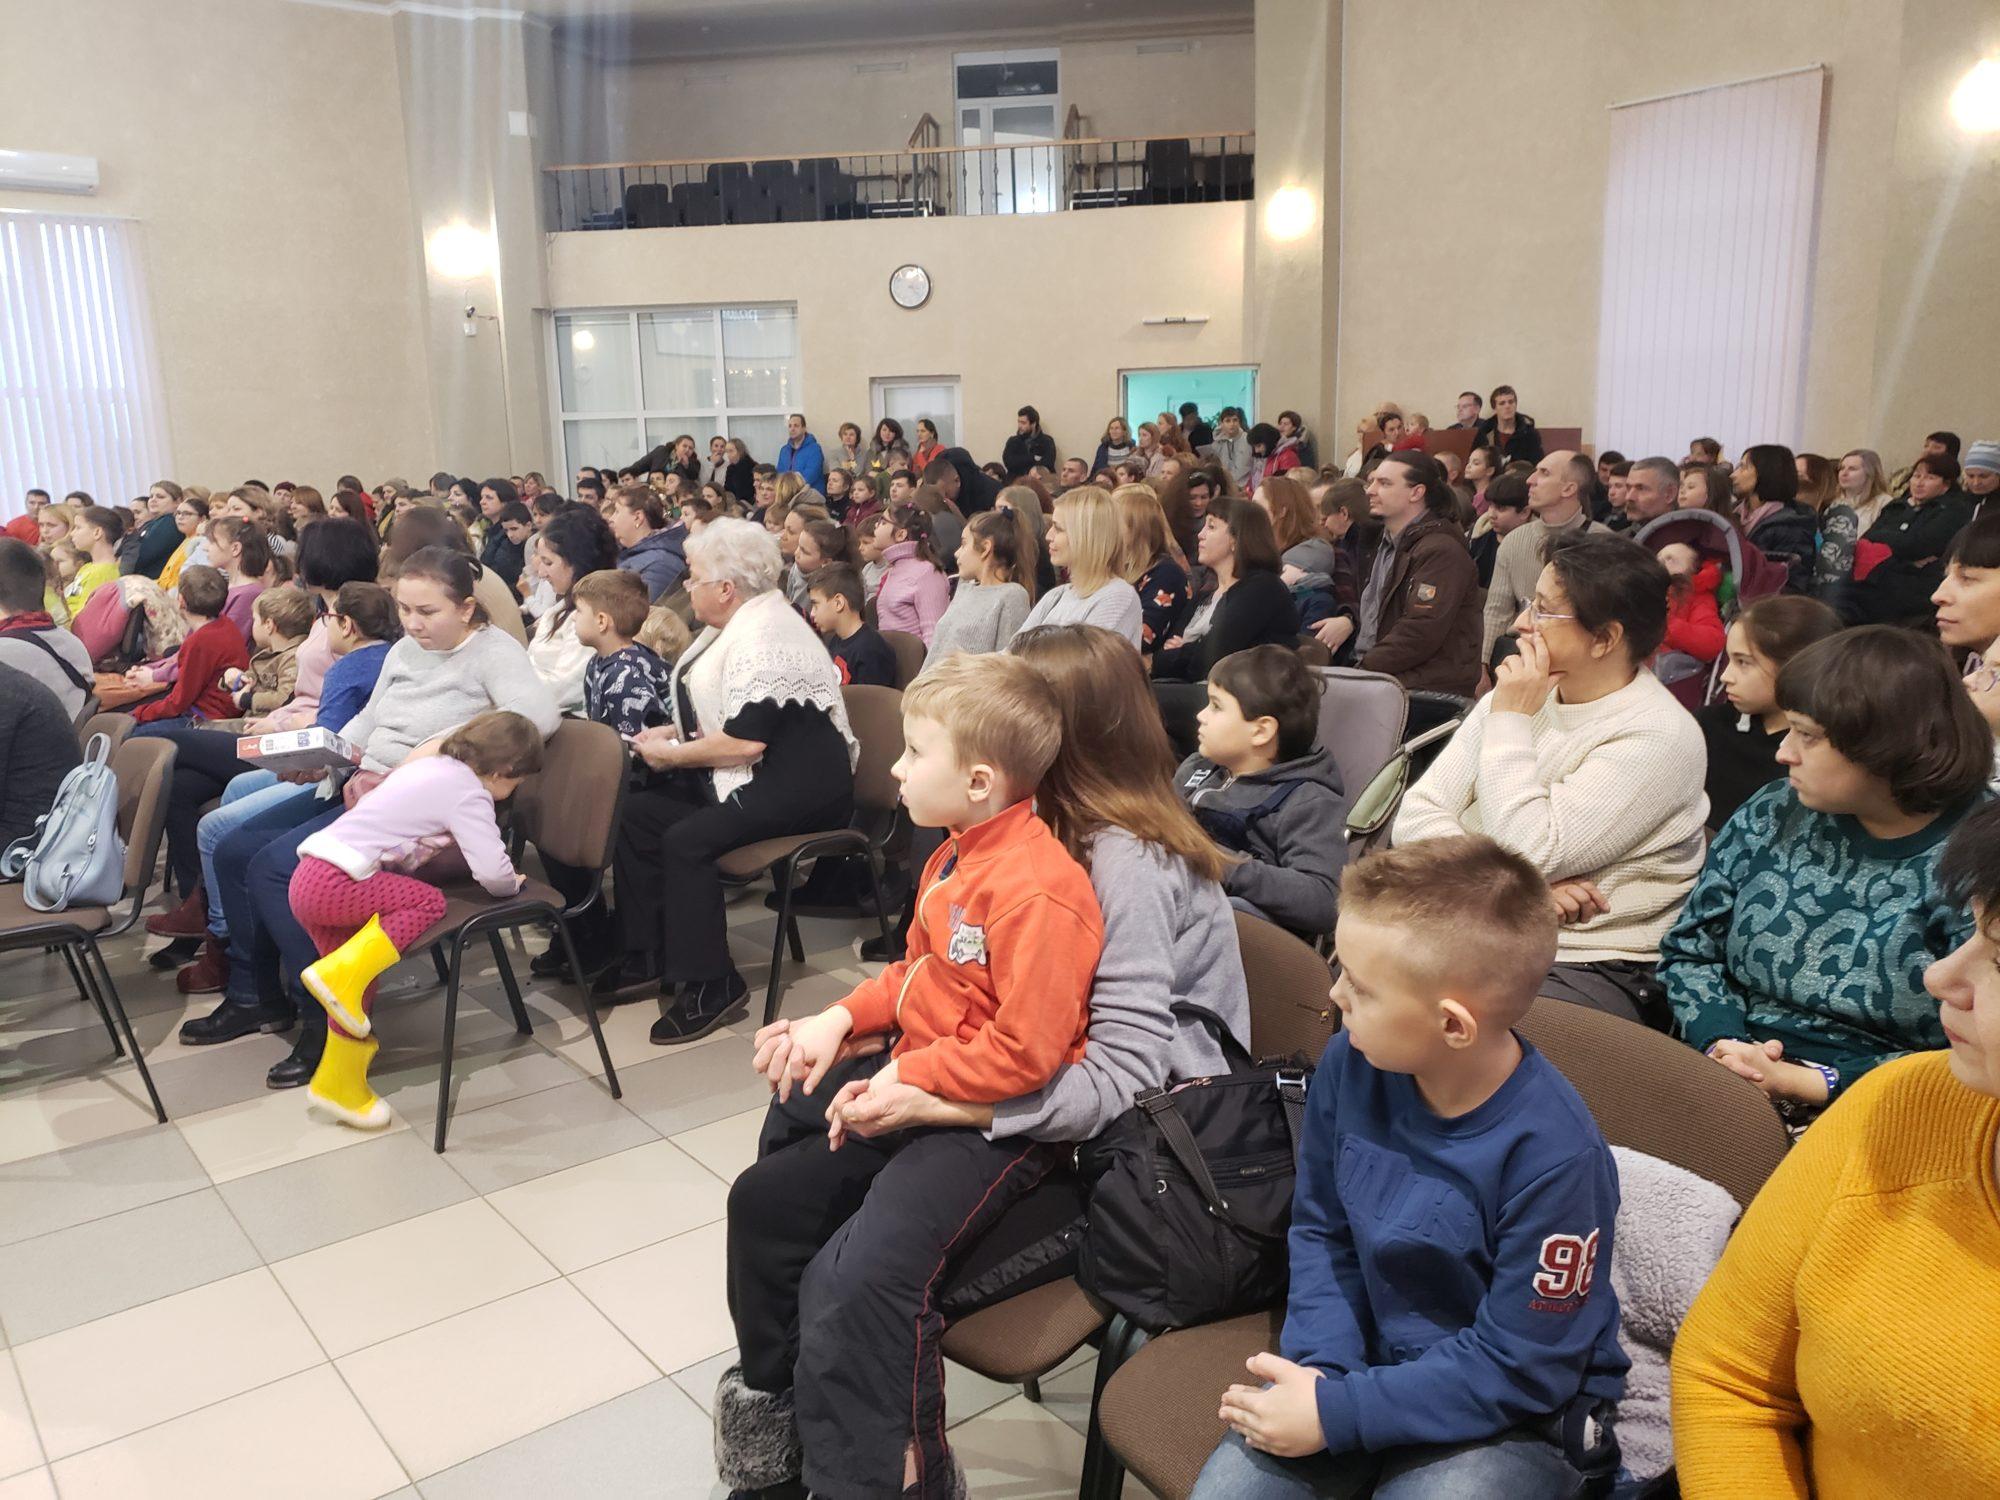 Різдвяне свято для особливих дітей у Броварах -  - 20191228 152241 2000x1500